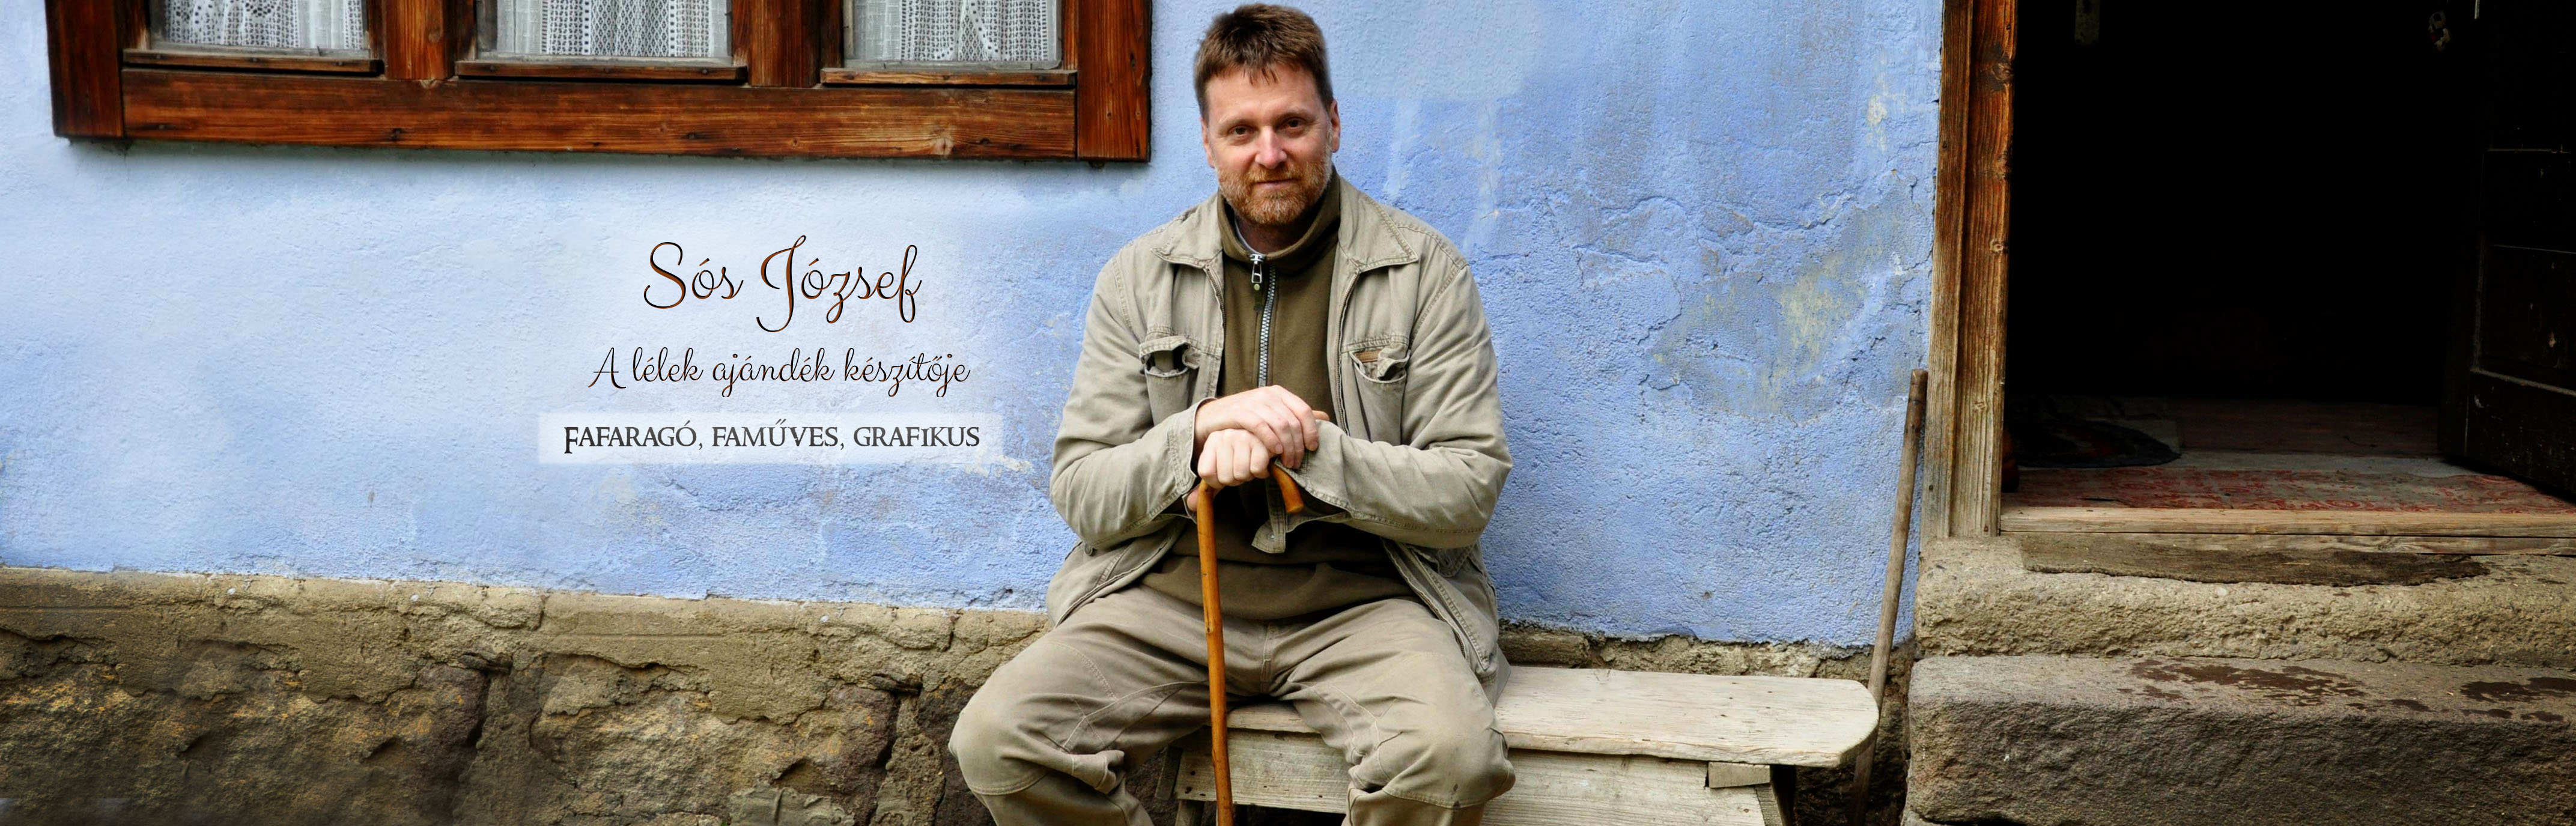 Sós József fafaragó, faműves és grafikus